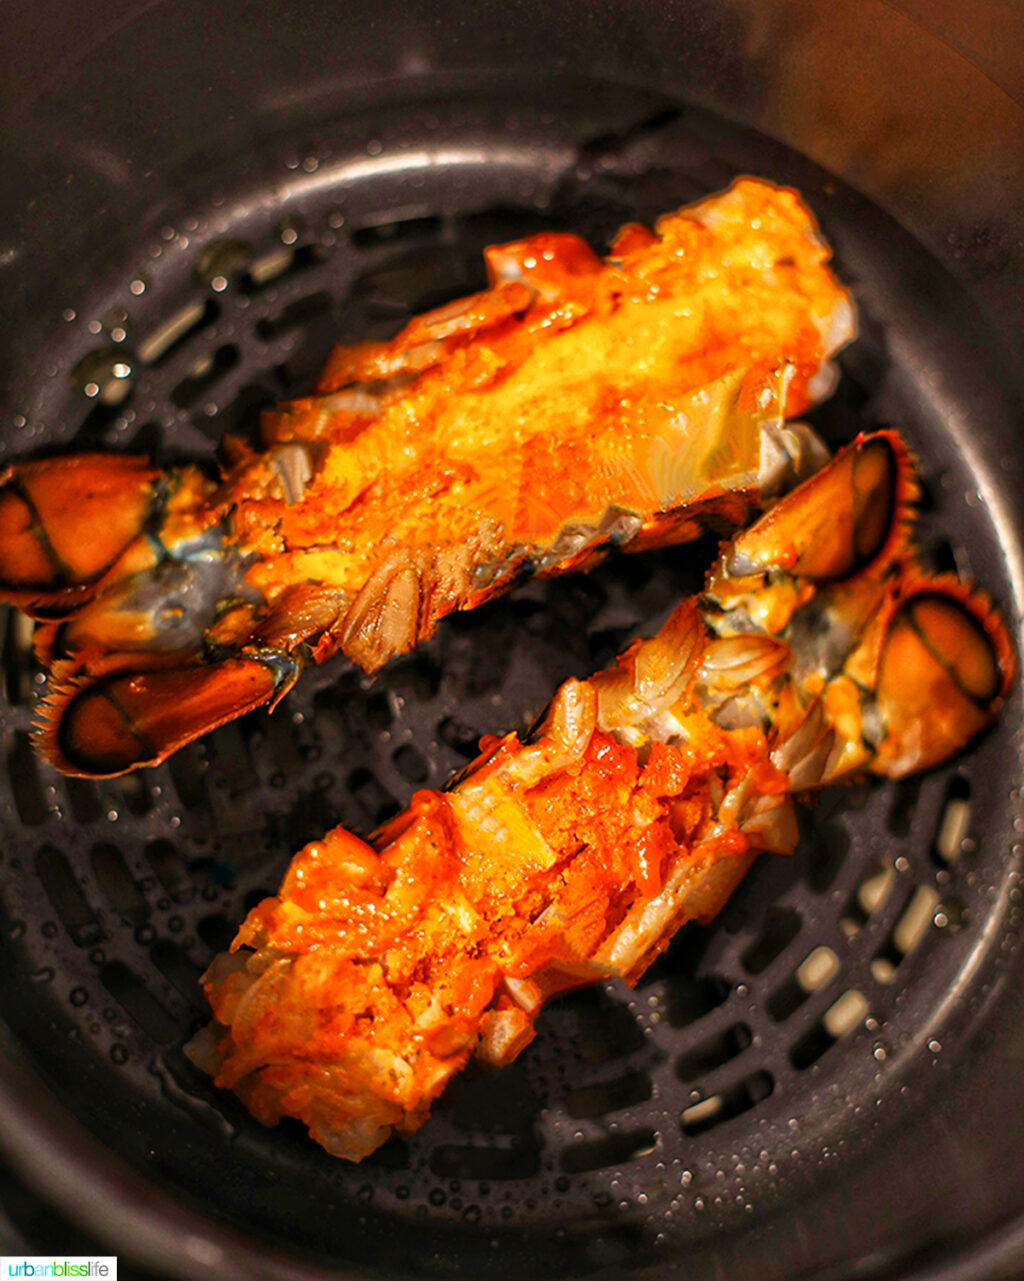 lobster tails in the Ninja Foodi air fryer basket